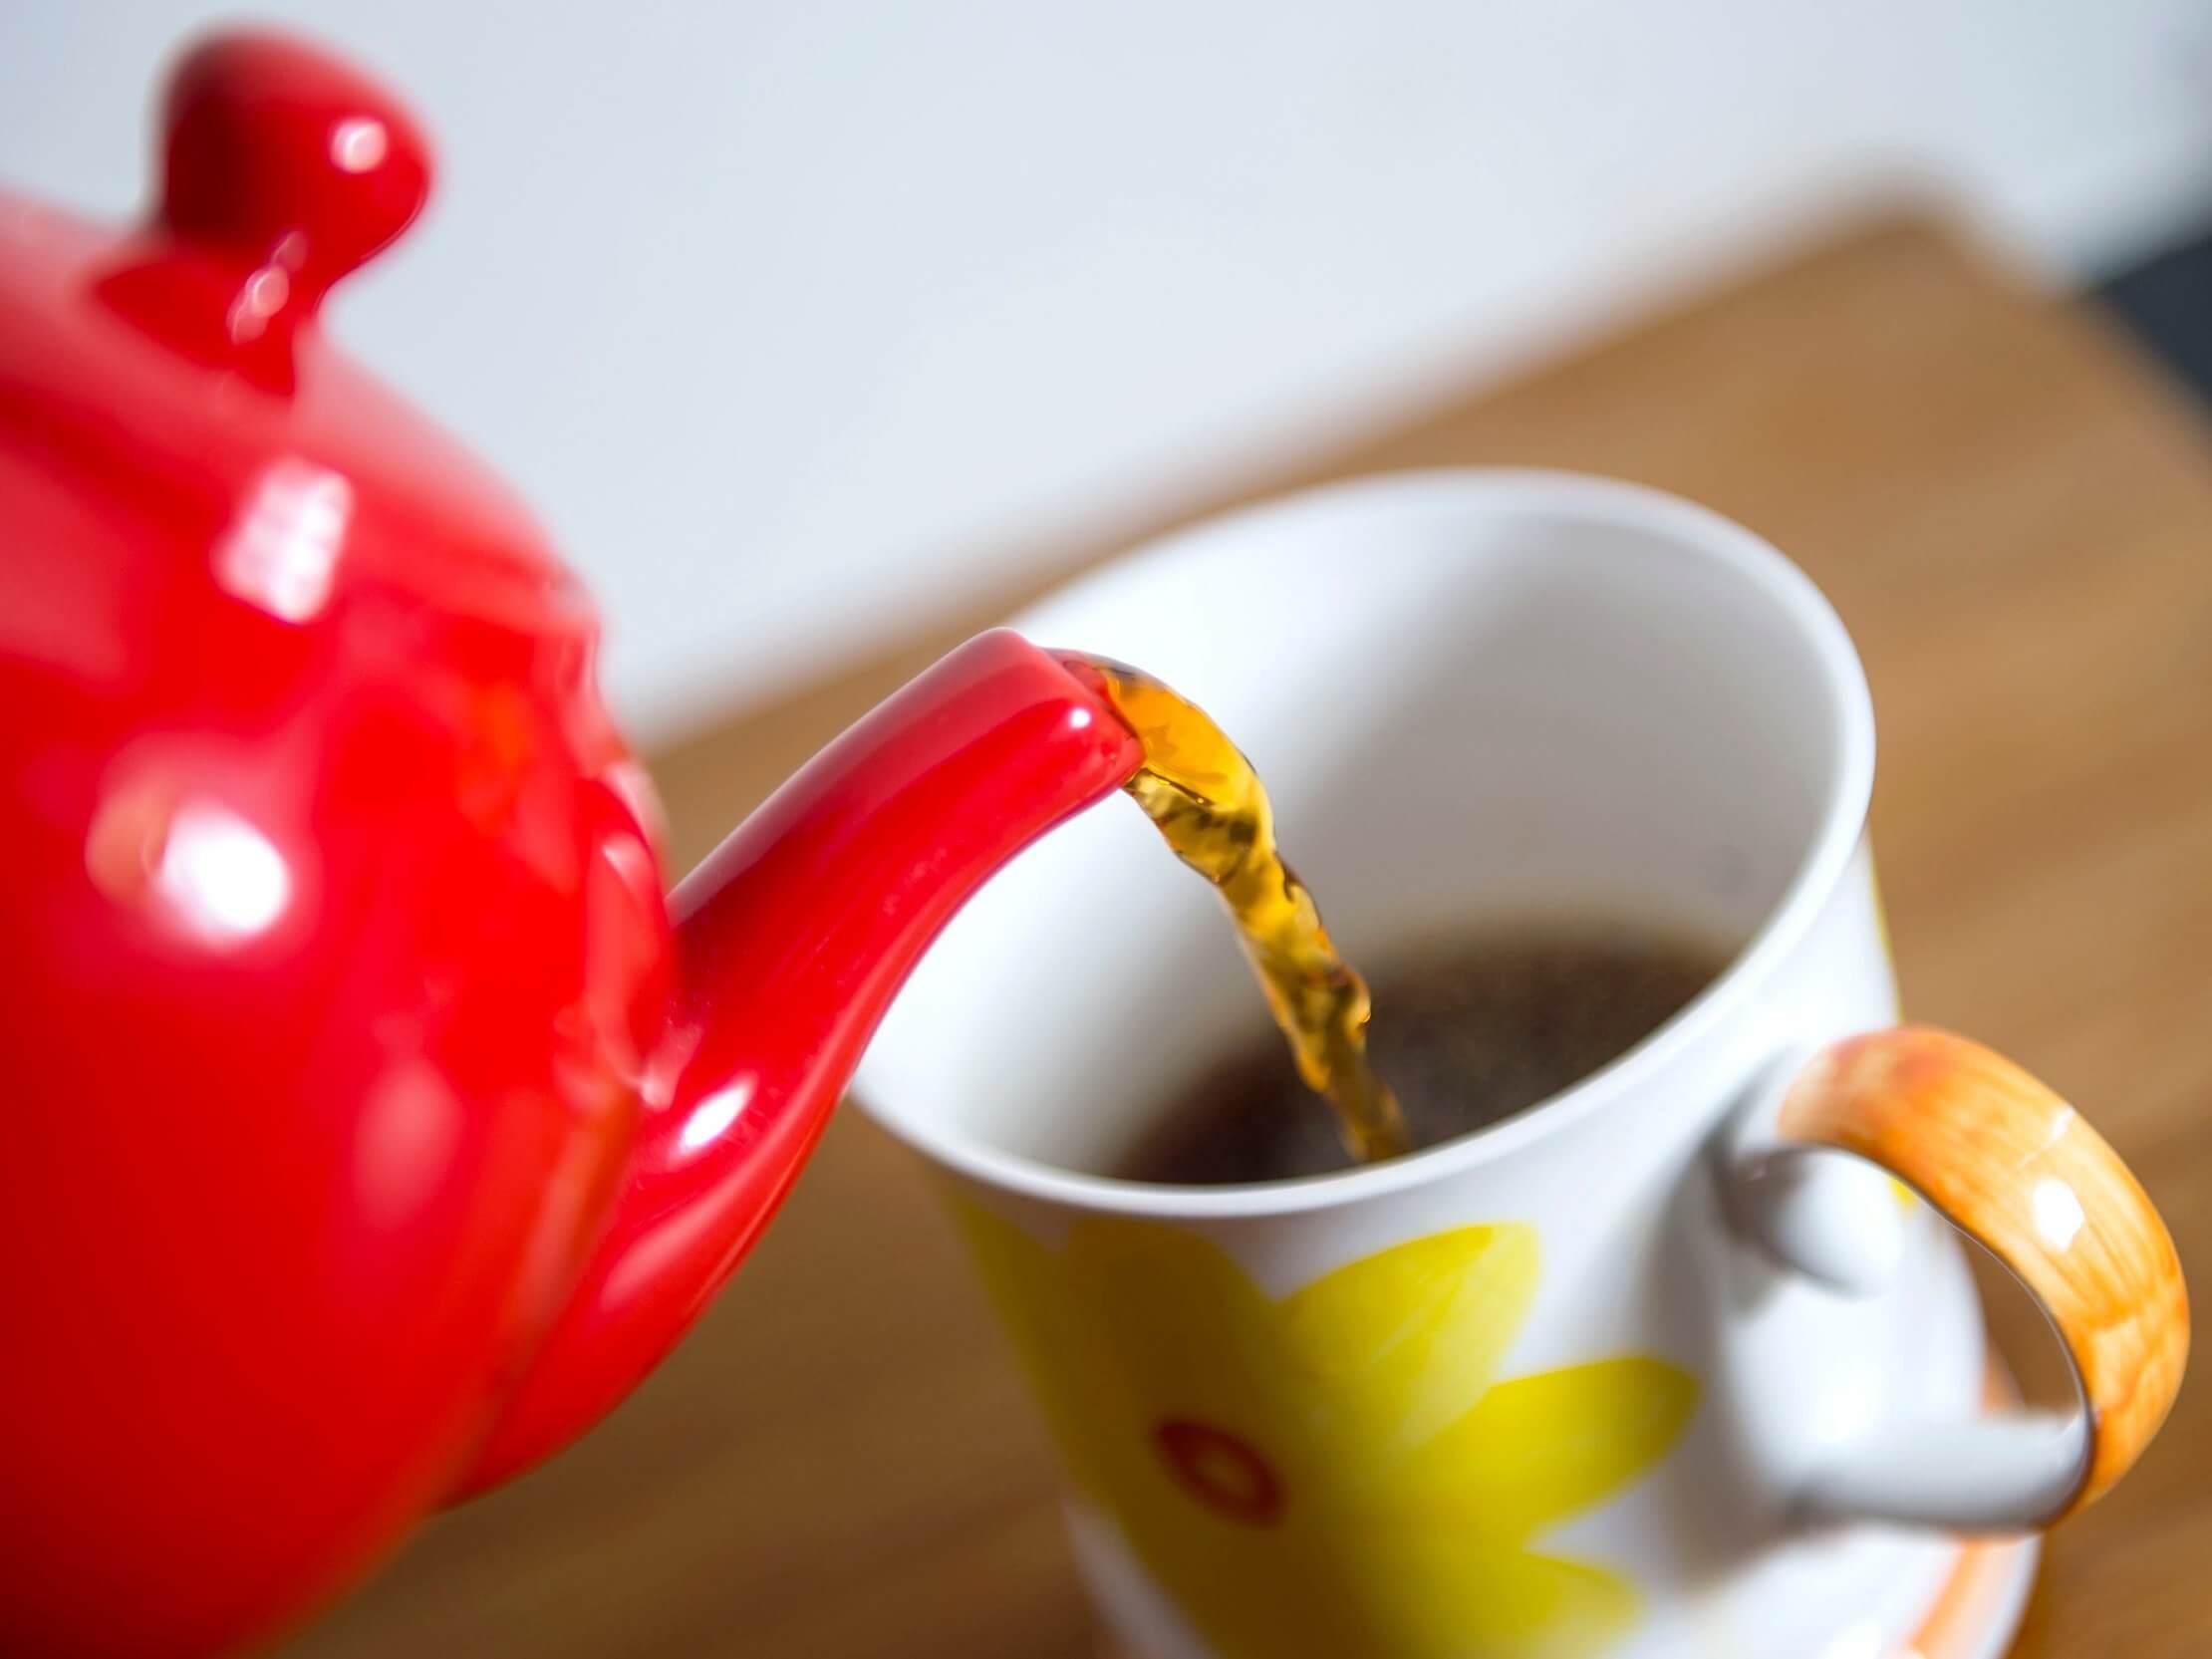 مصرف چای در برخی افراد موجب بروز حساسیتهای پوستی میشود.